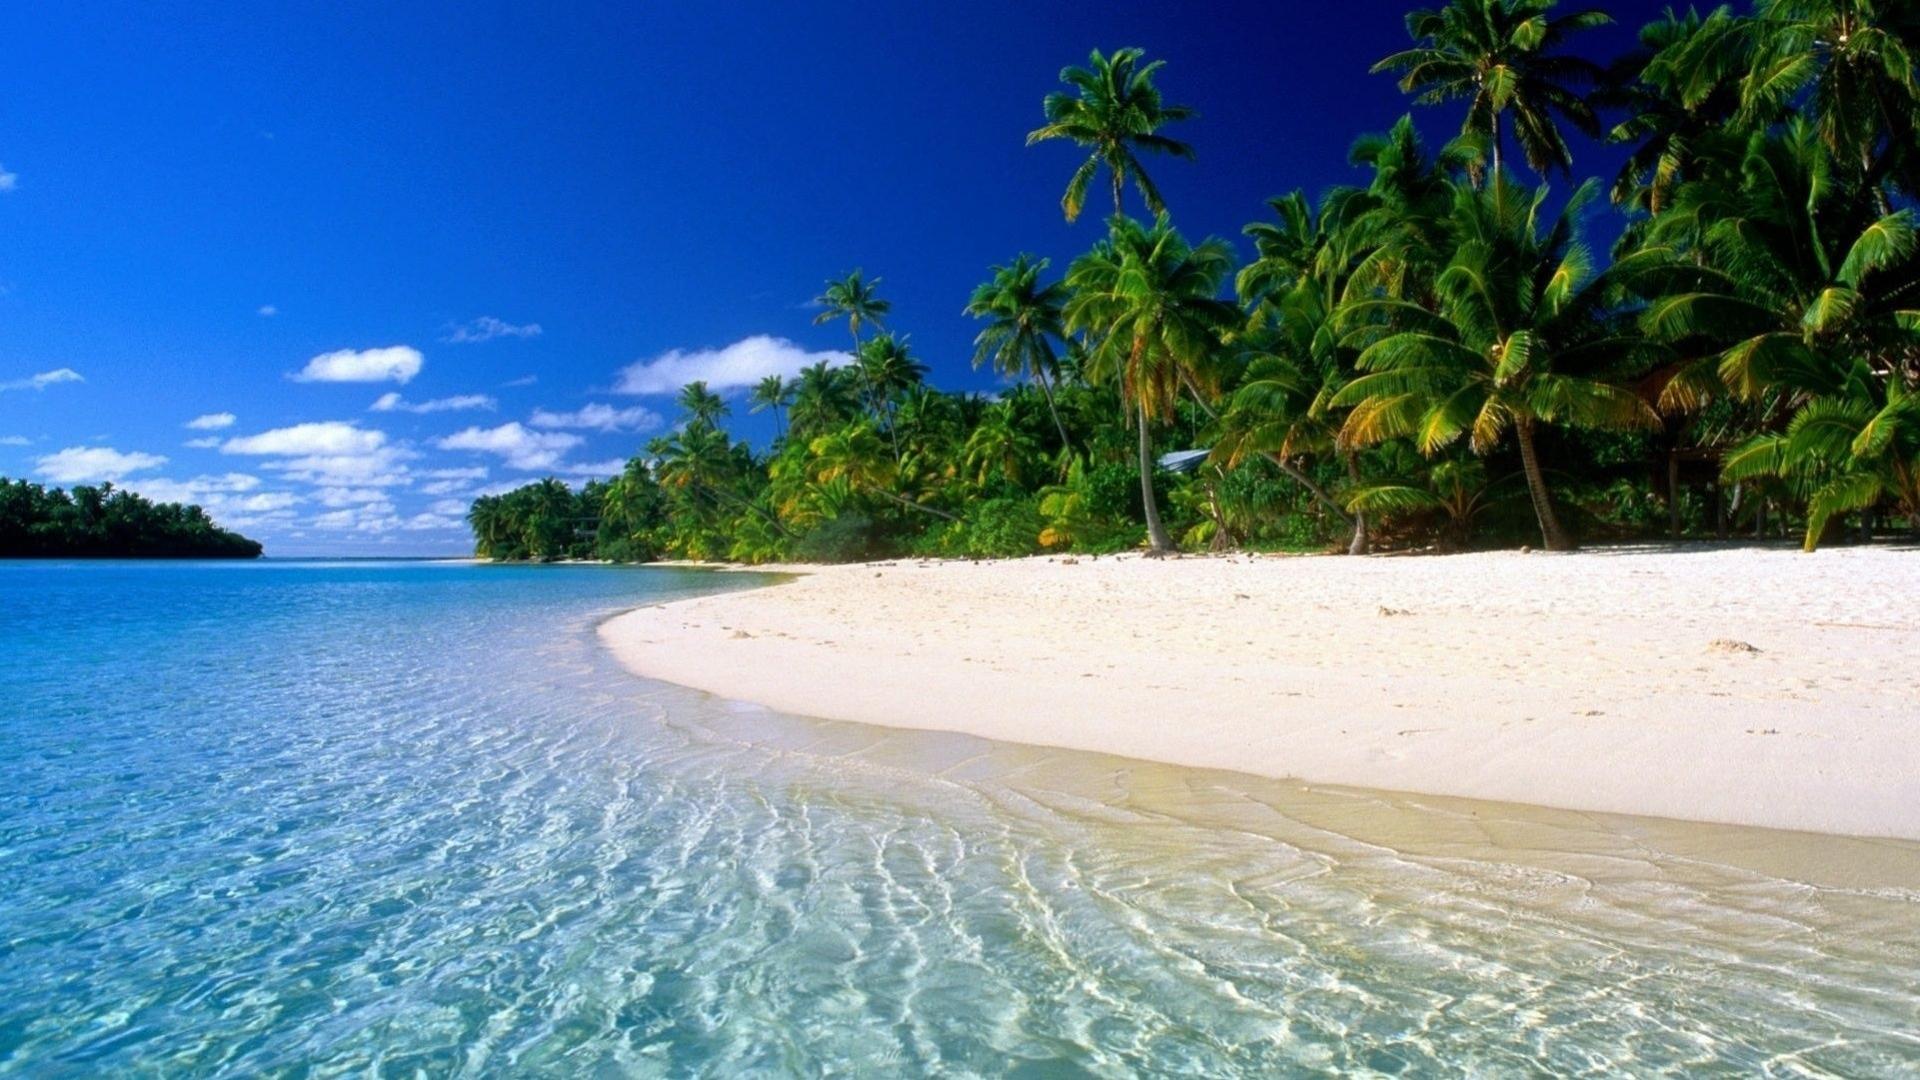 28779 скачать обои Пейзаж, Море, Пляж - заставки и картинки бесплатно